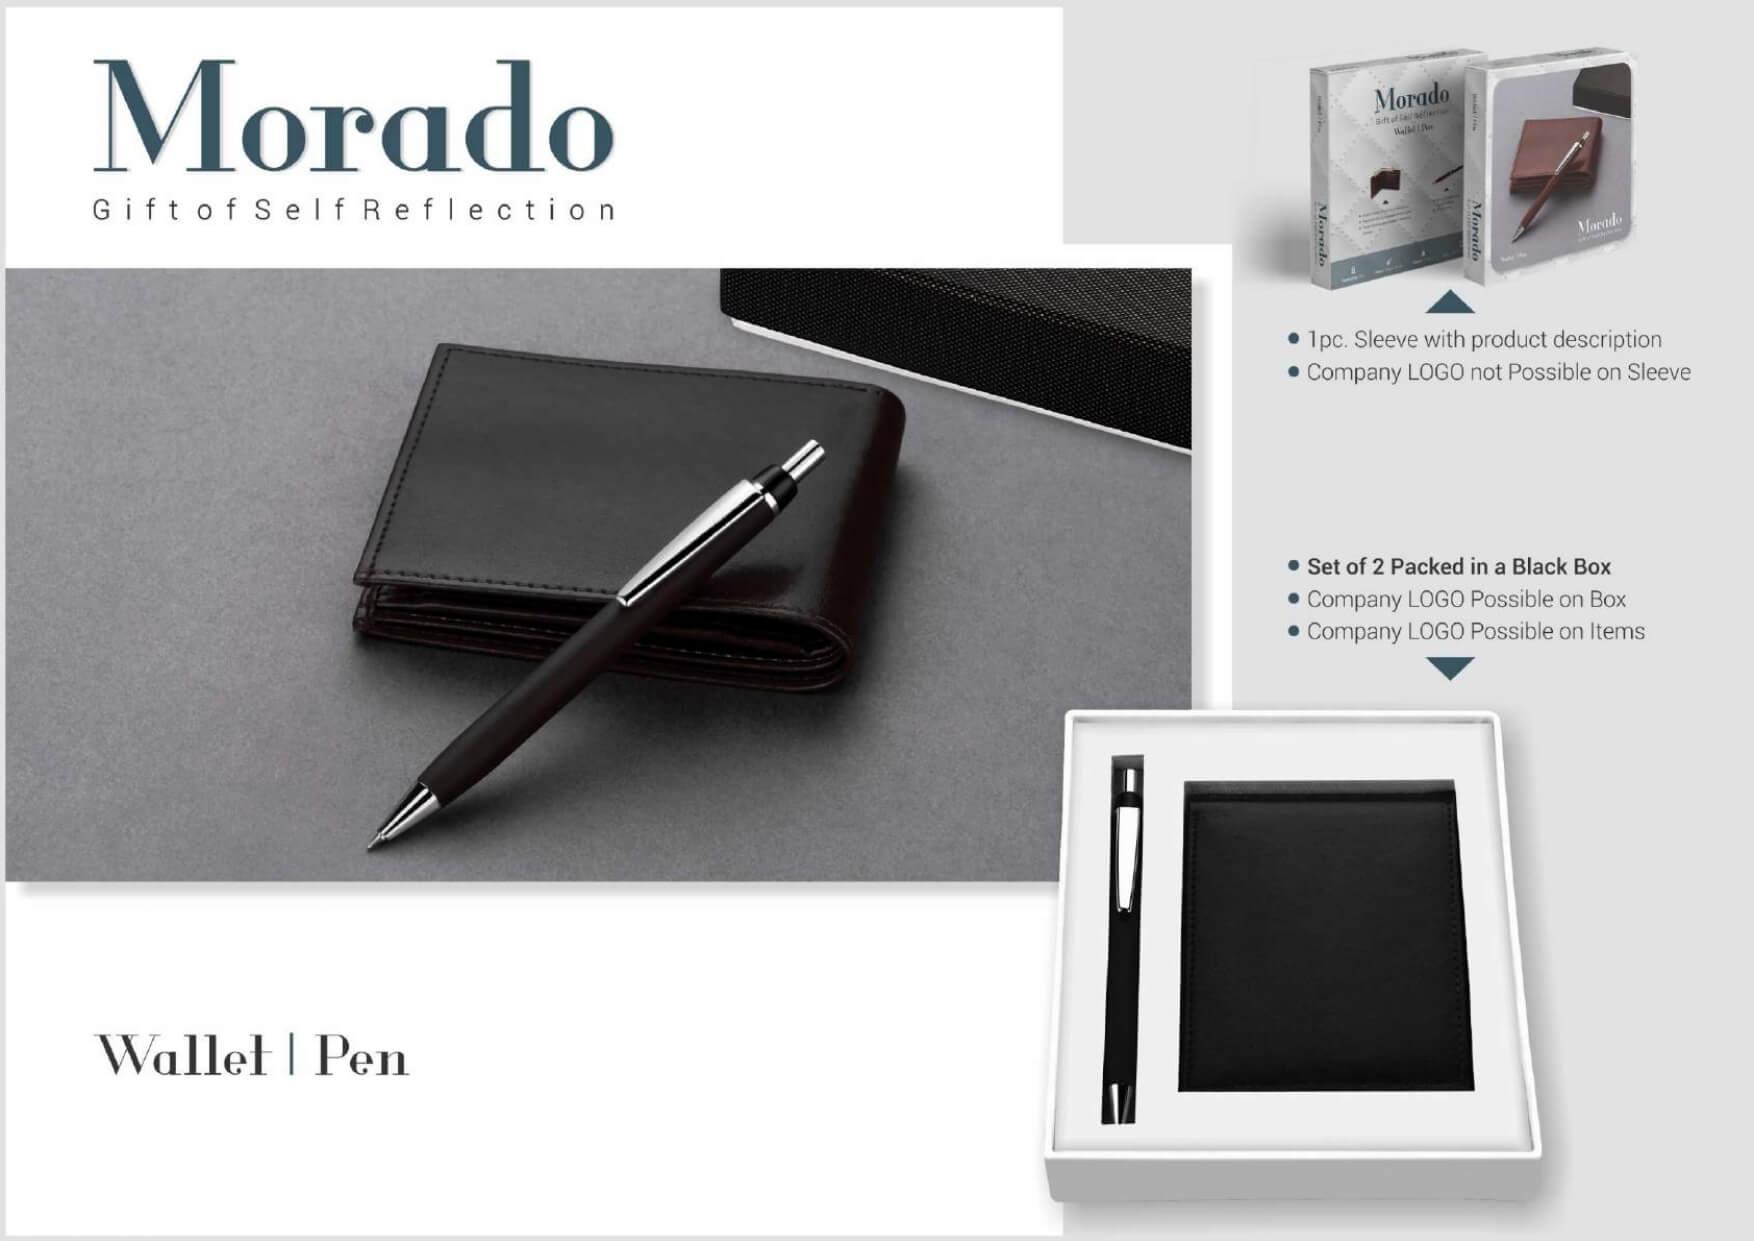 Wallet and Pen Set 2 in 1 Morado